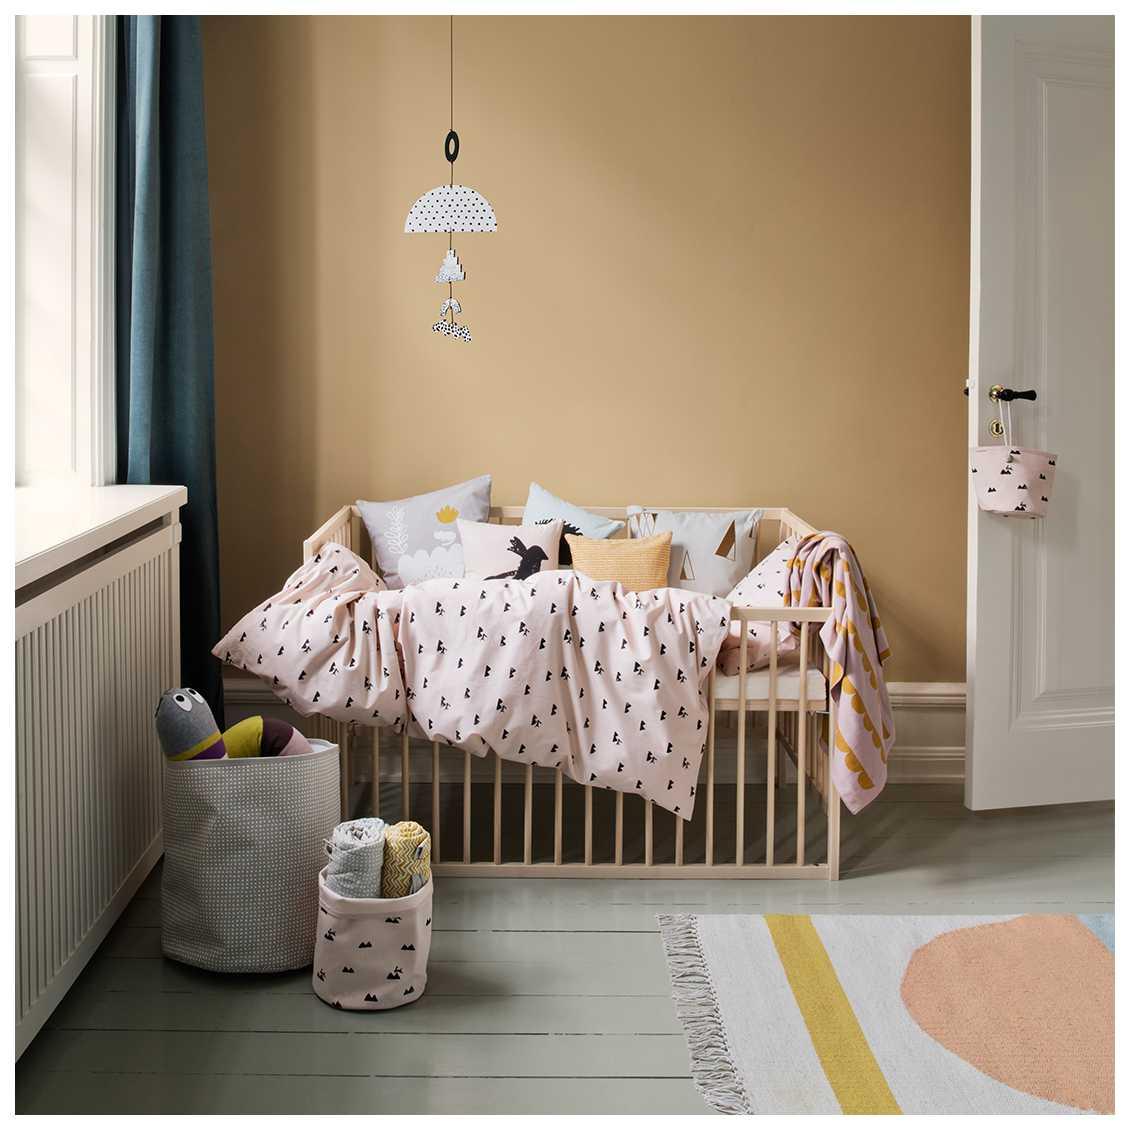 ferm living rabbit bedding baby bedovertrek 8148 1  - 5 leuke design kraamcadeaus die je altijd kan gebruiken